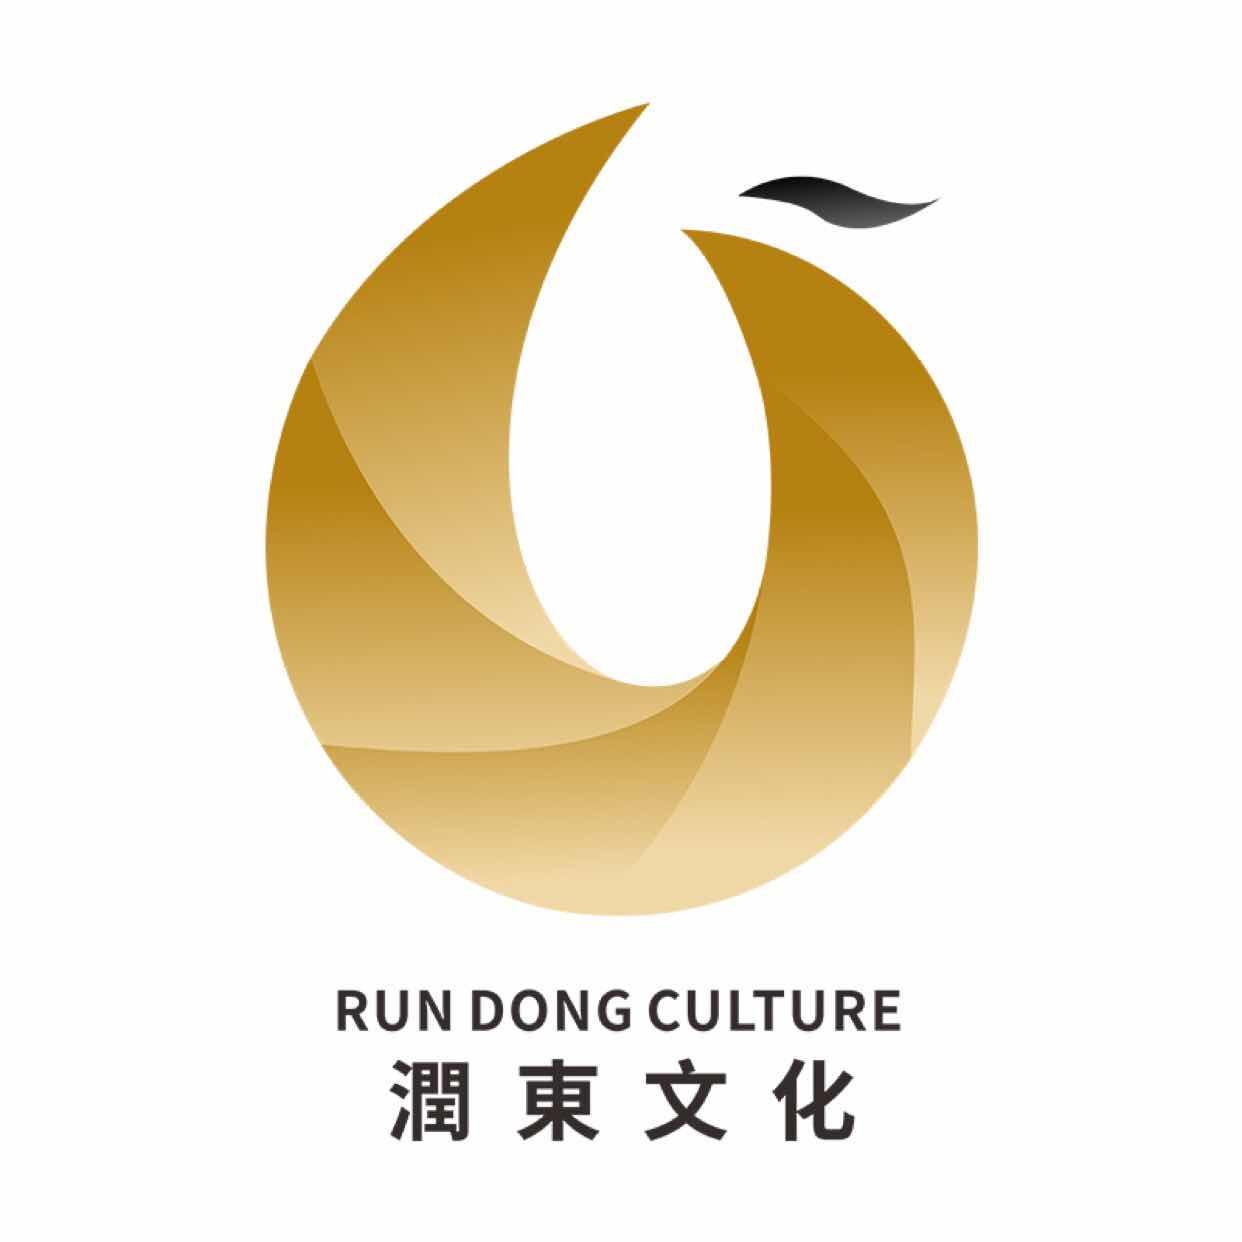 logo logo 标志 设计 矢量 矢量图 素材 图标 1242_1242